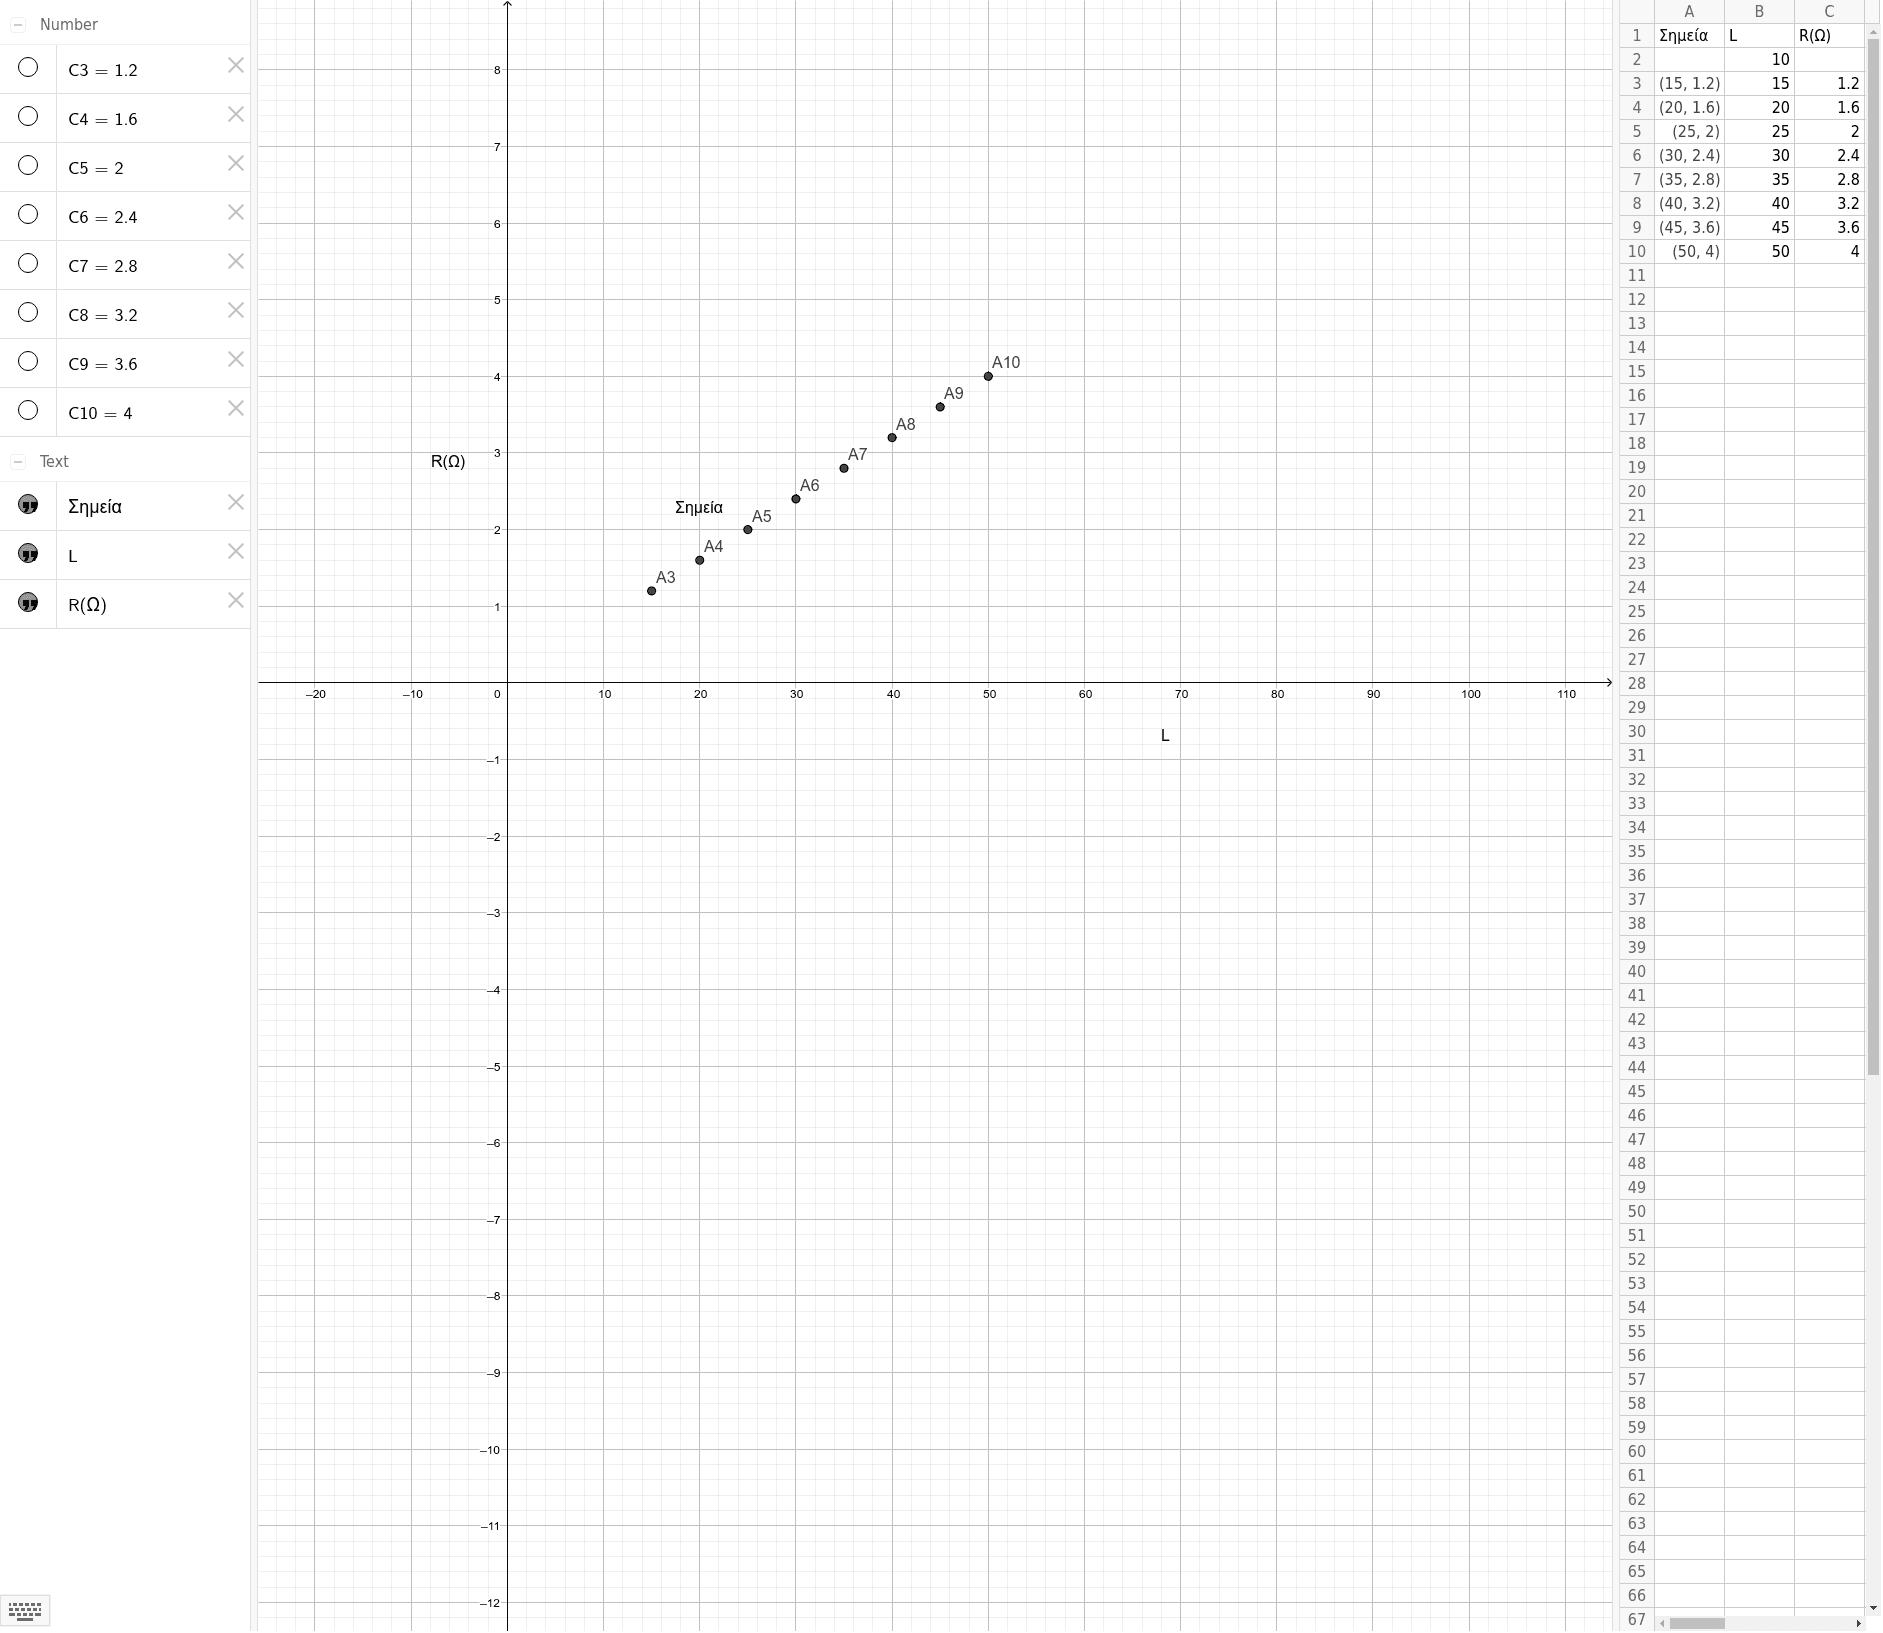 Αποτελέσματα πειράματος για τη σχέση της αντίστασης με το μήκος